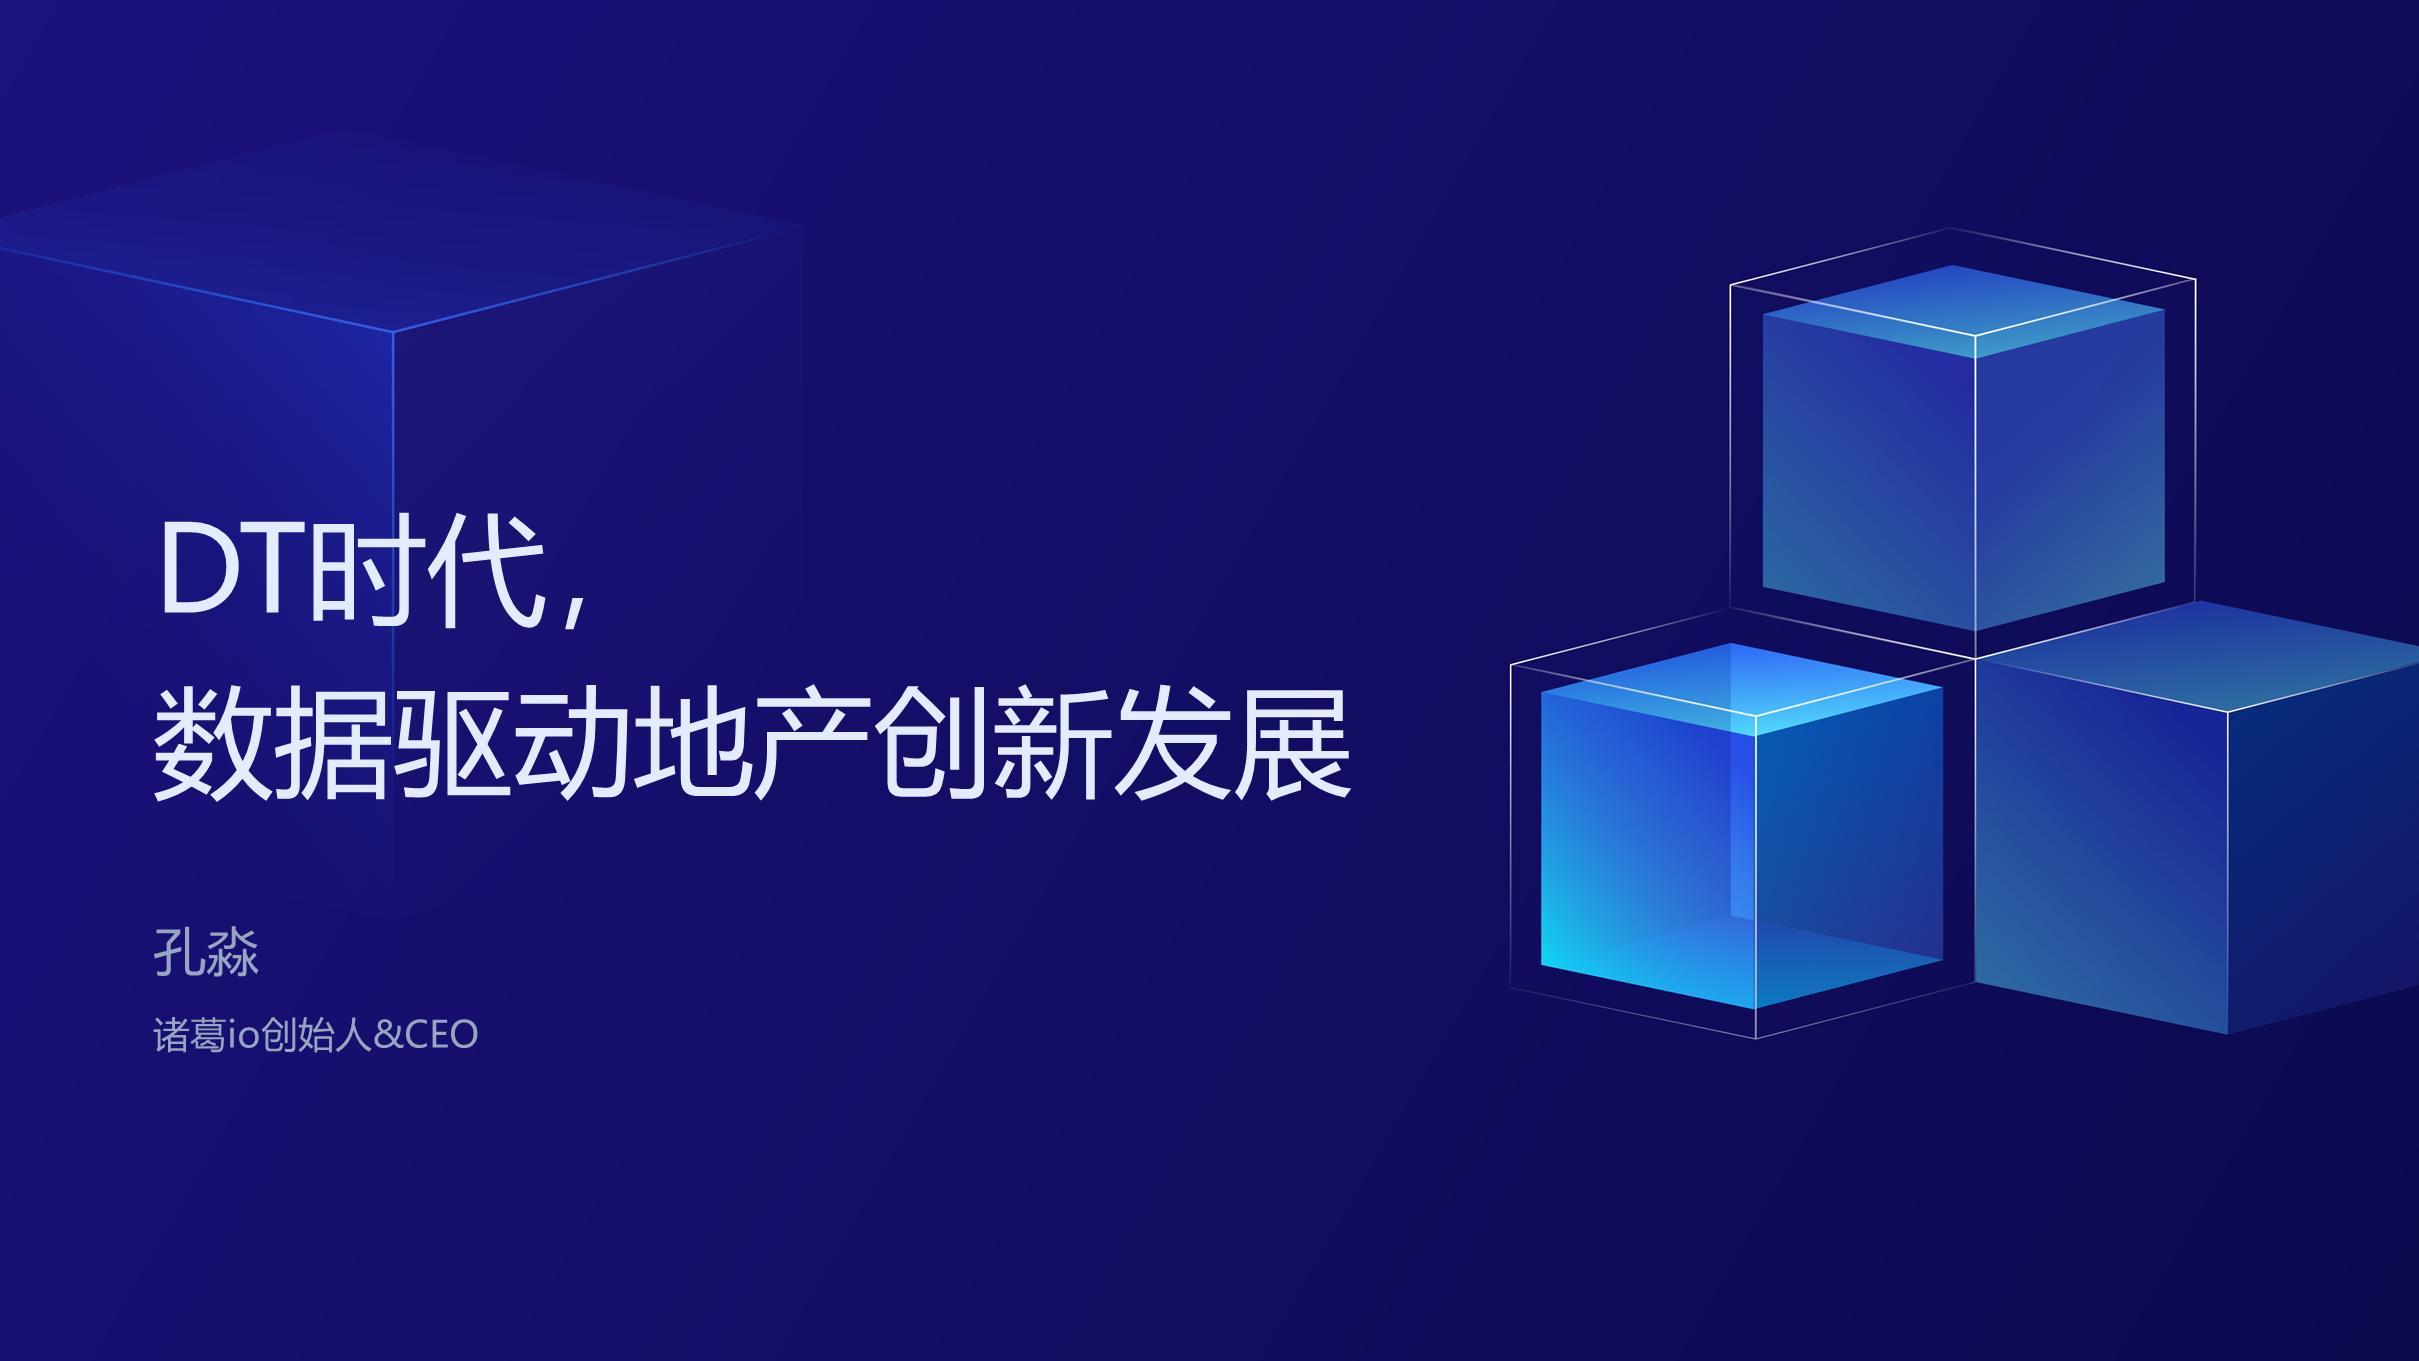 孔淼-DT时代数据驱动地产创新发展